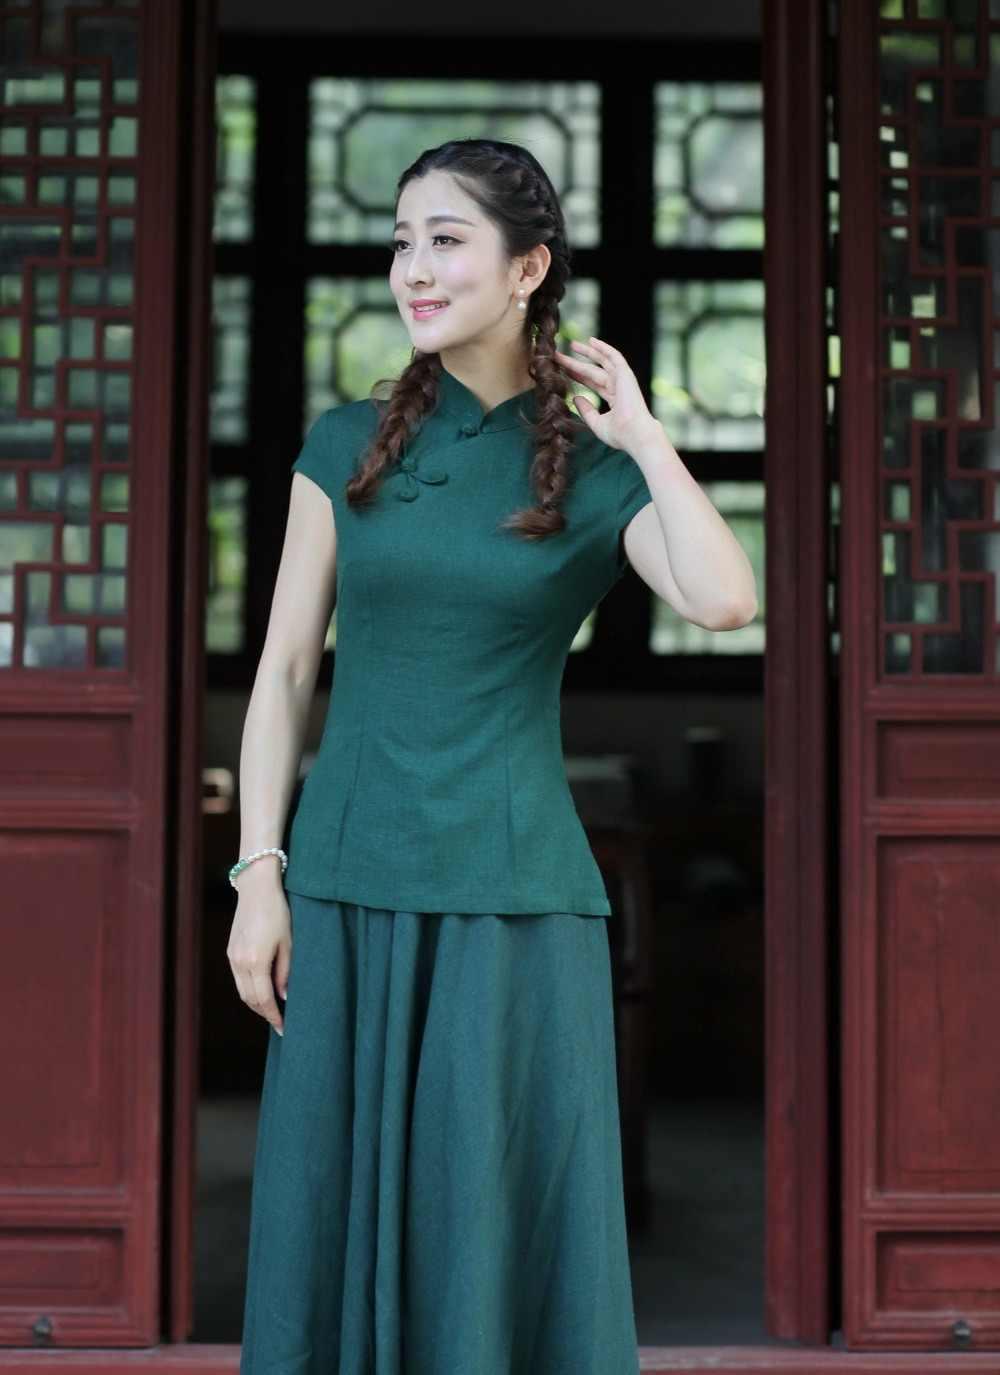 新到着夏中国風の綿リネン女性唐スーツトップスブラウス伝統的なエレガントなスリムシャツ ML XL XXL xxxl 2518 から 1